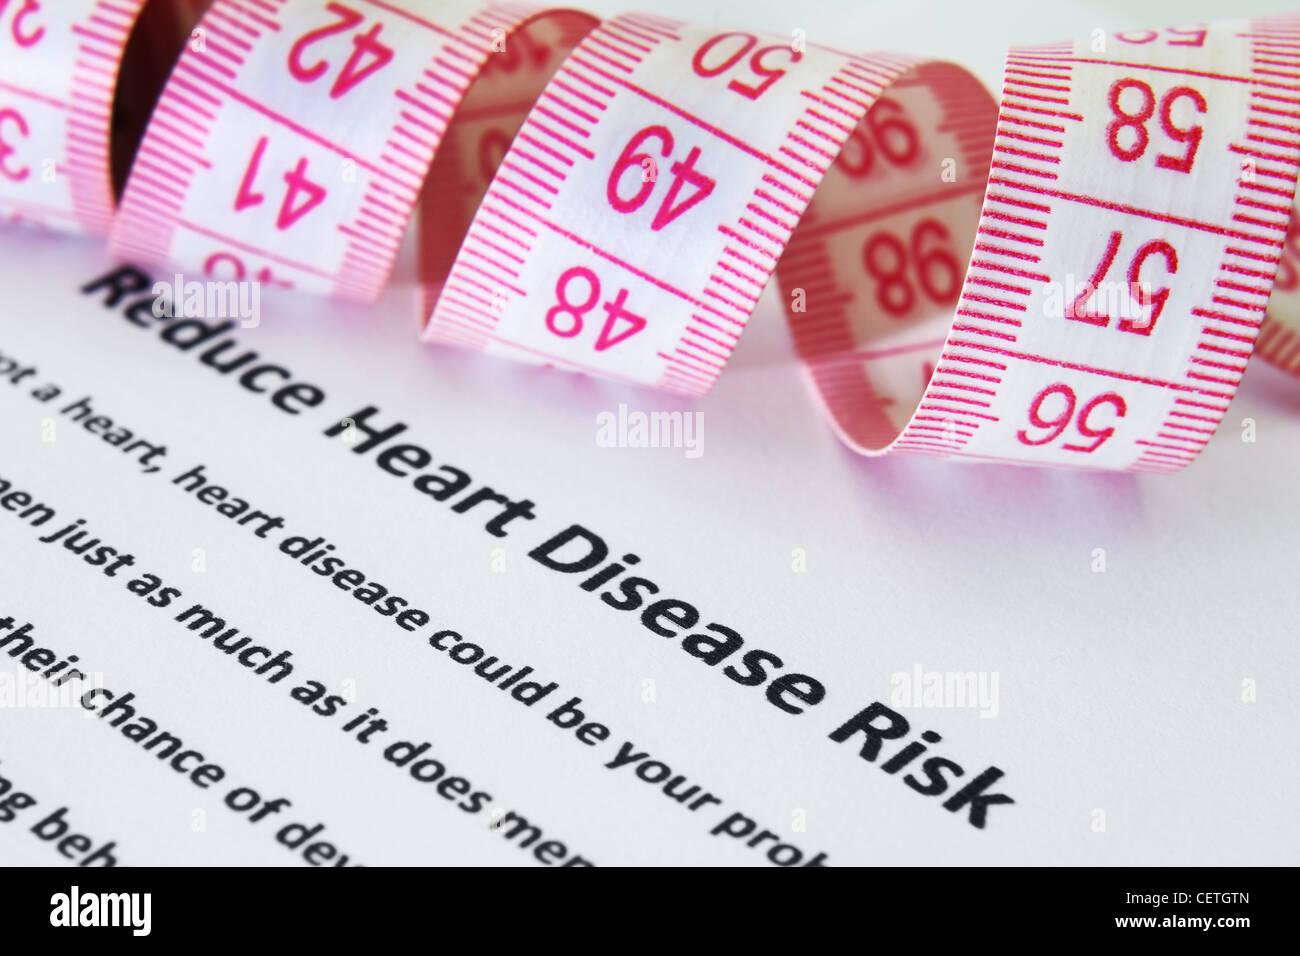 Le risque de maladie cardiaque Photo Stock